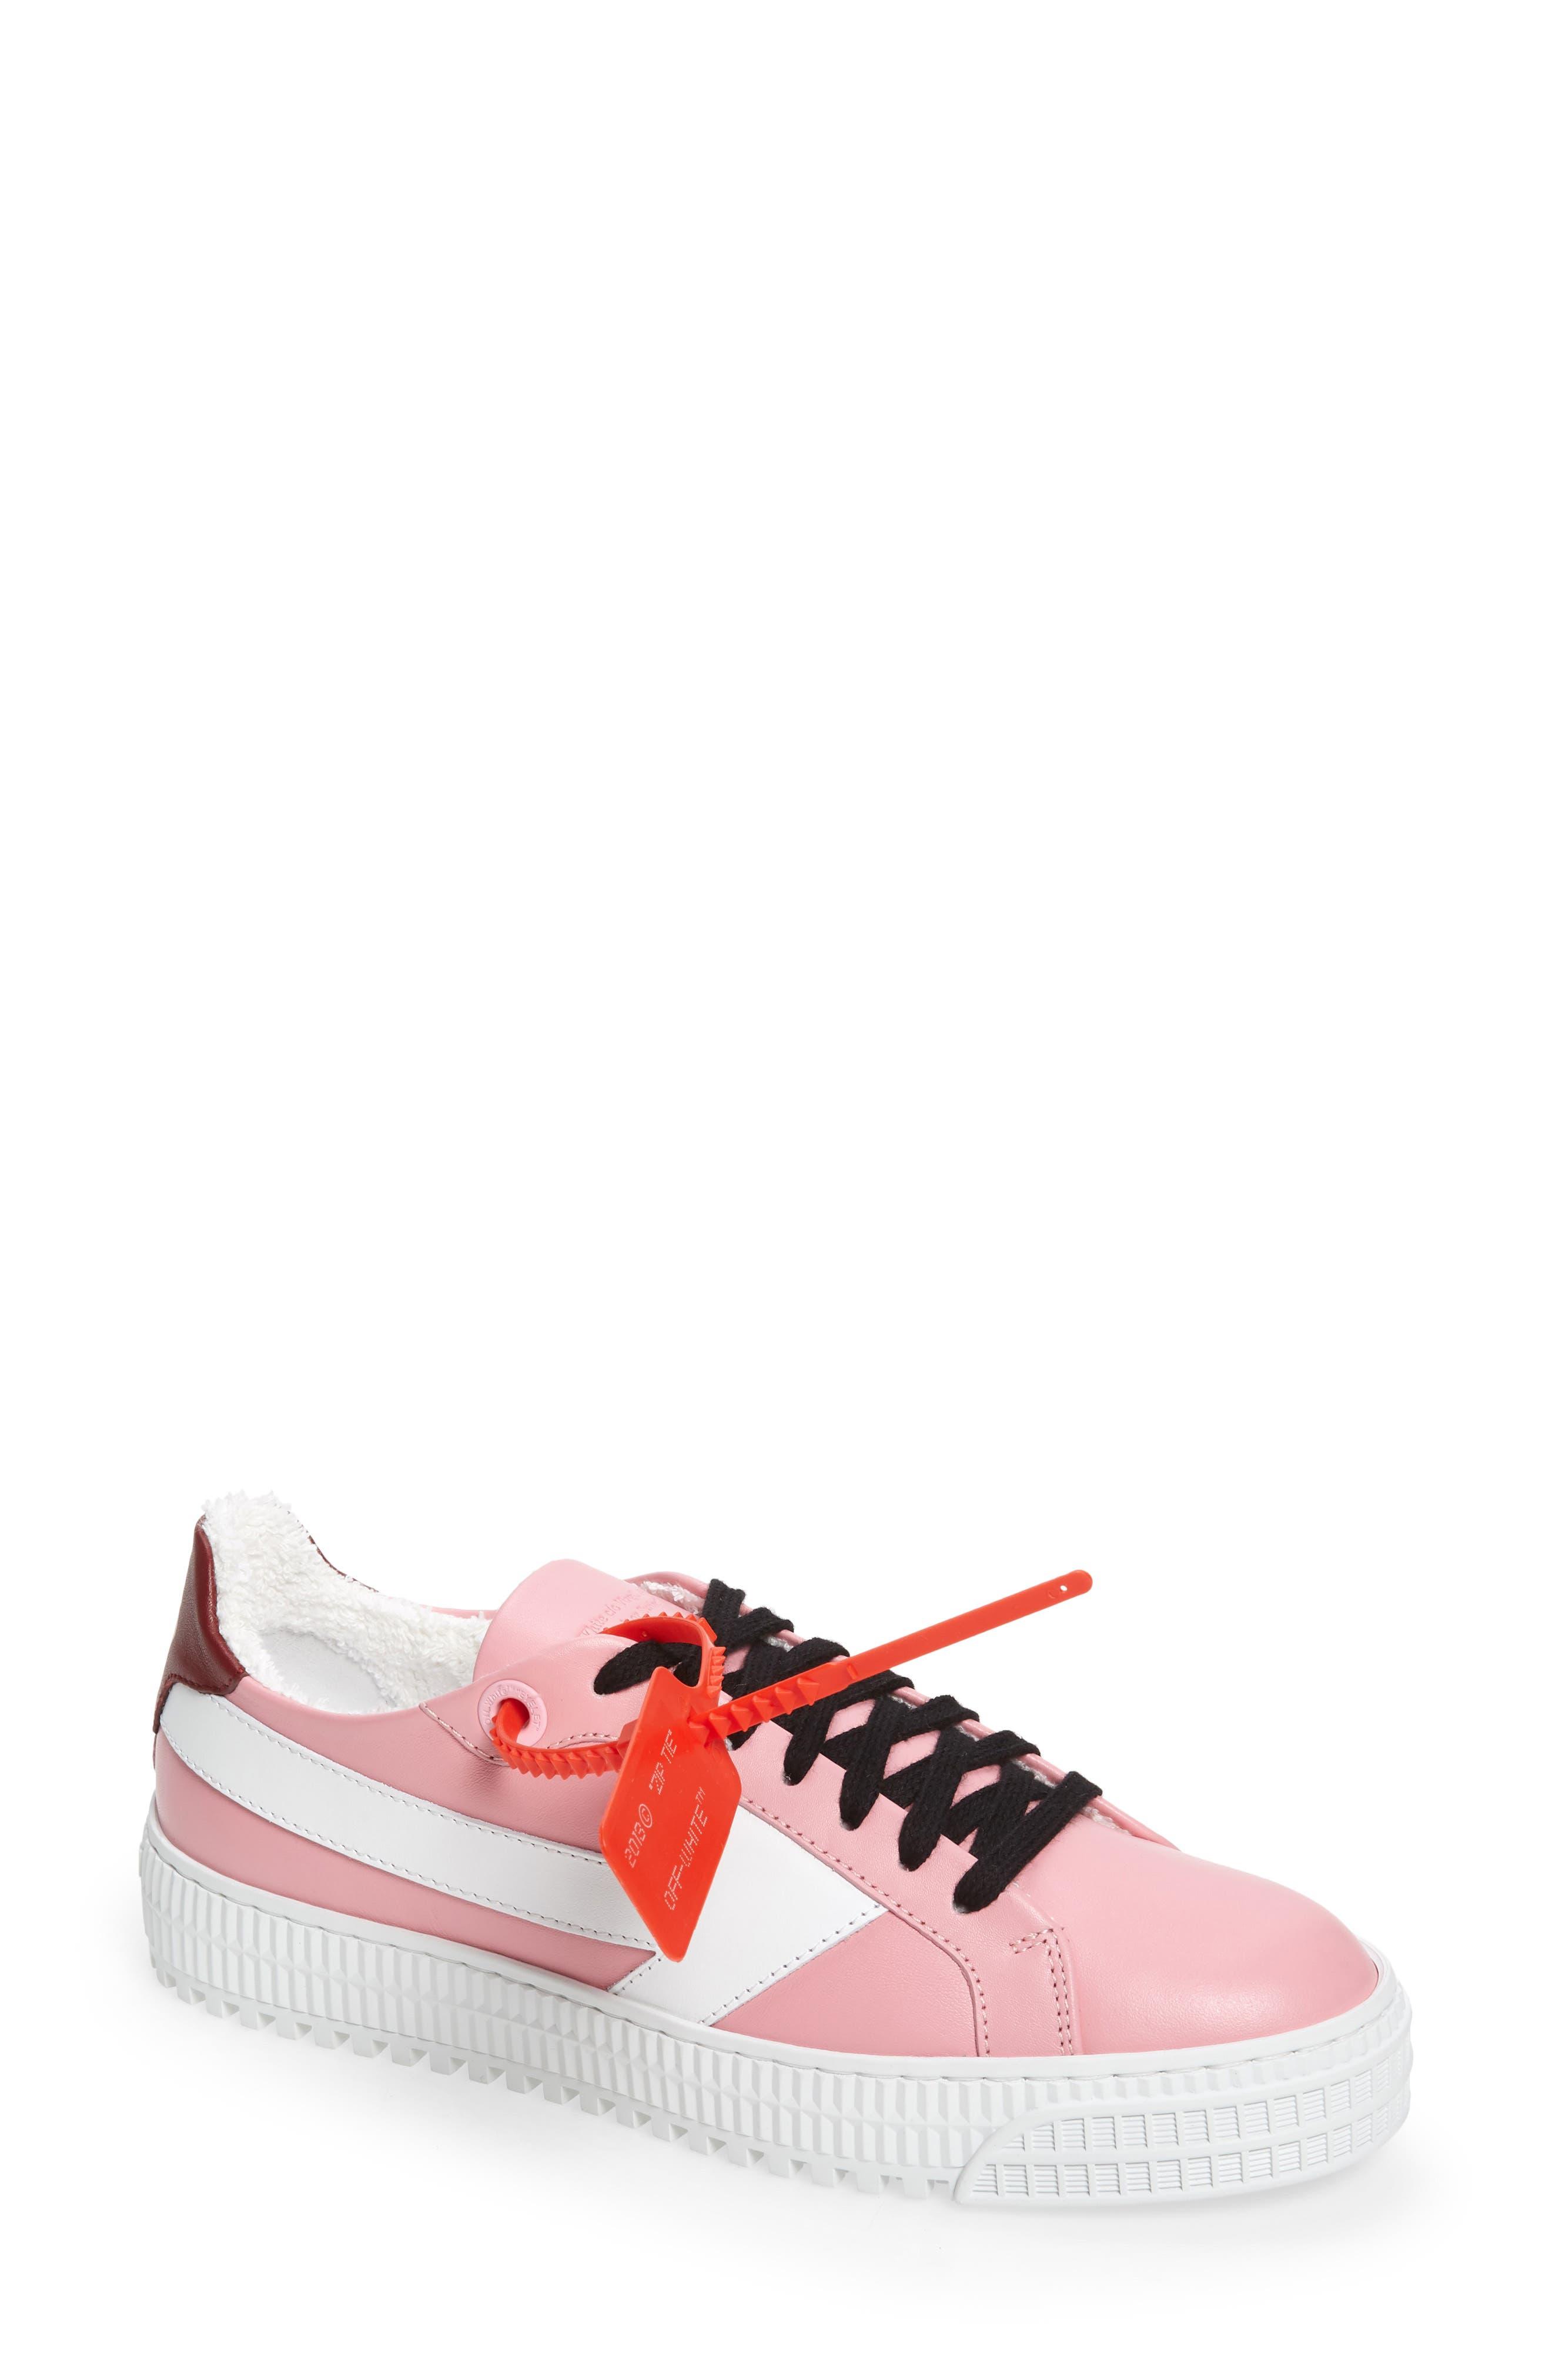 Women's Designer Sneakers | Nordstrom